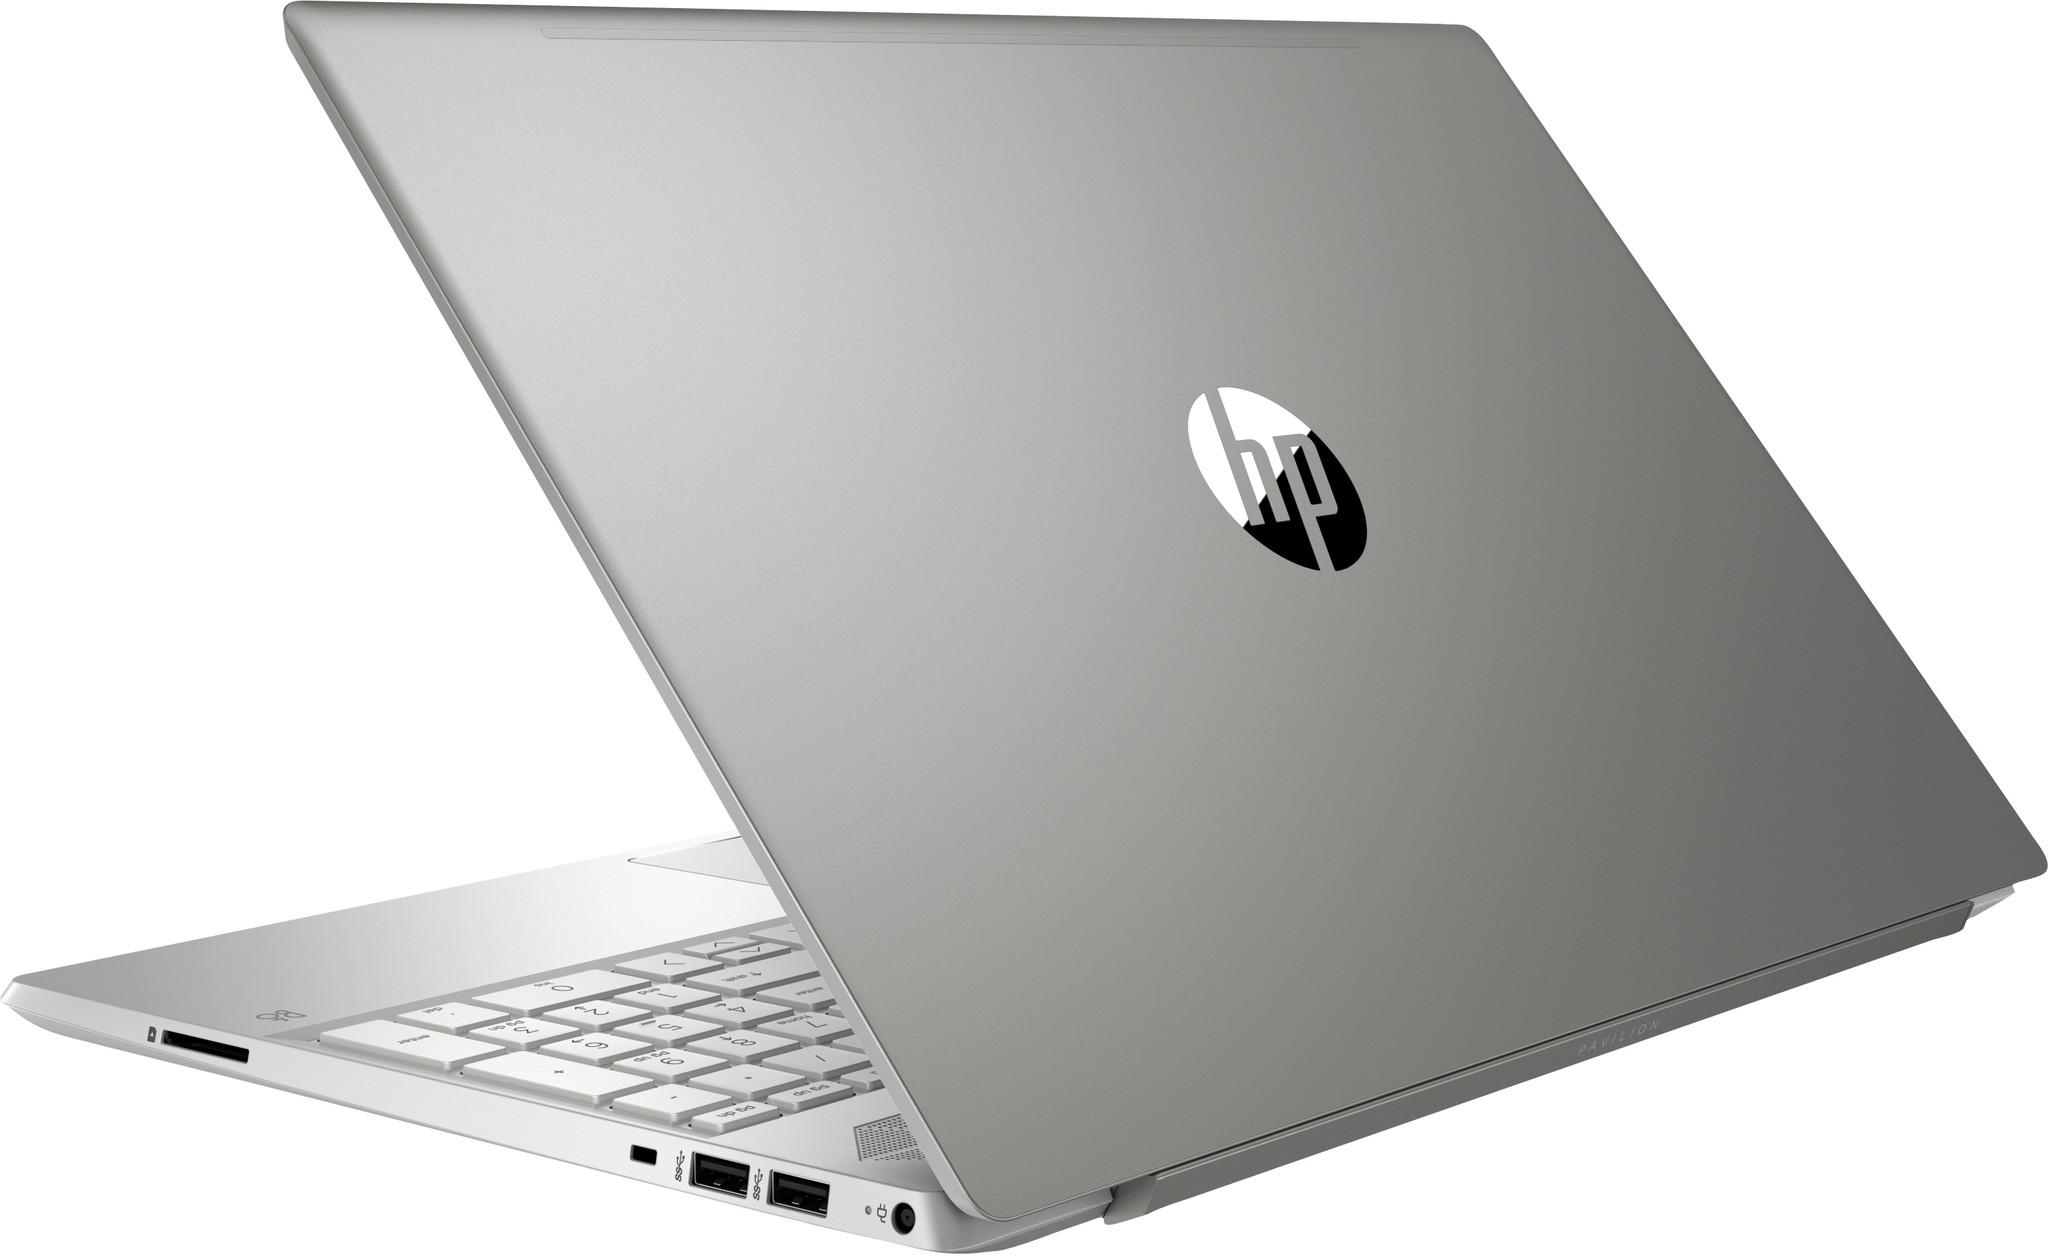 Баги в предустановленном HP Support Assistant угрожают машинам под управлением Windows